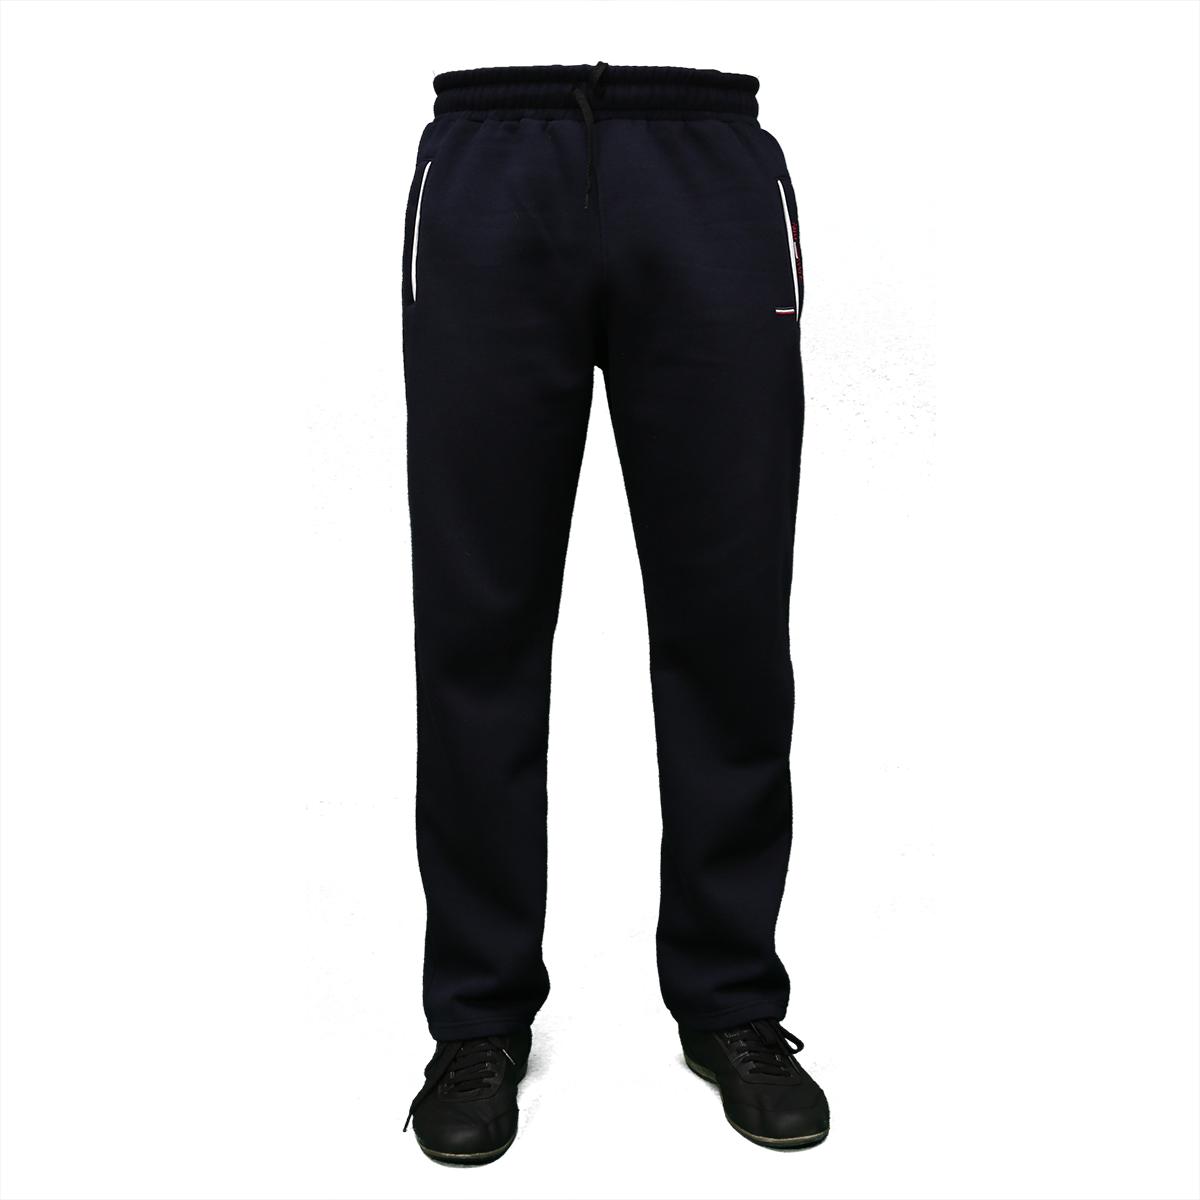 Теплые зимние брюки байка пр-во Турция на рынке 7 км. 0490 Dark Blue